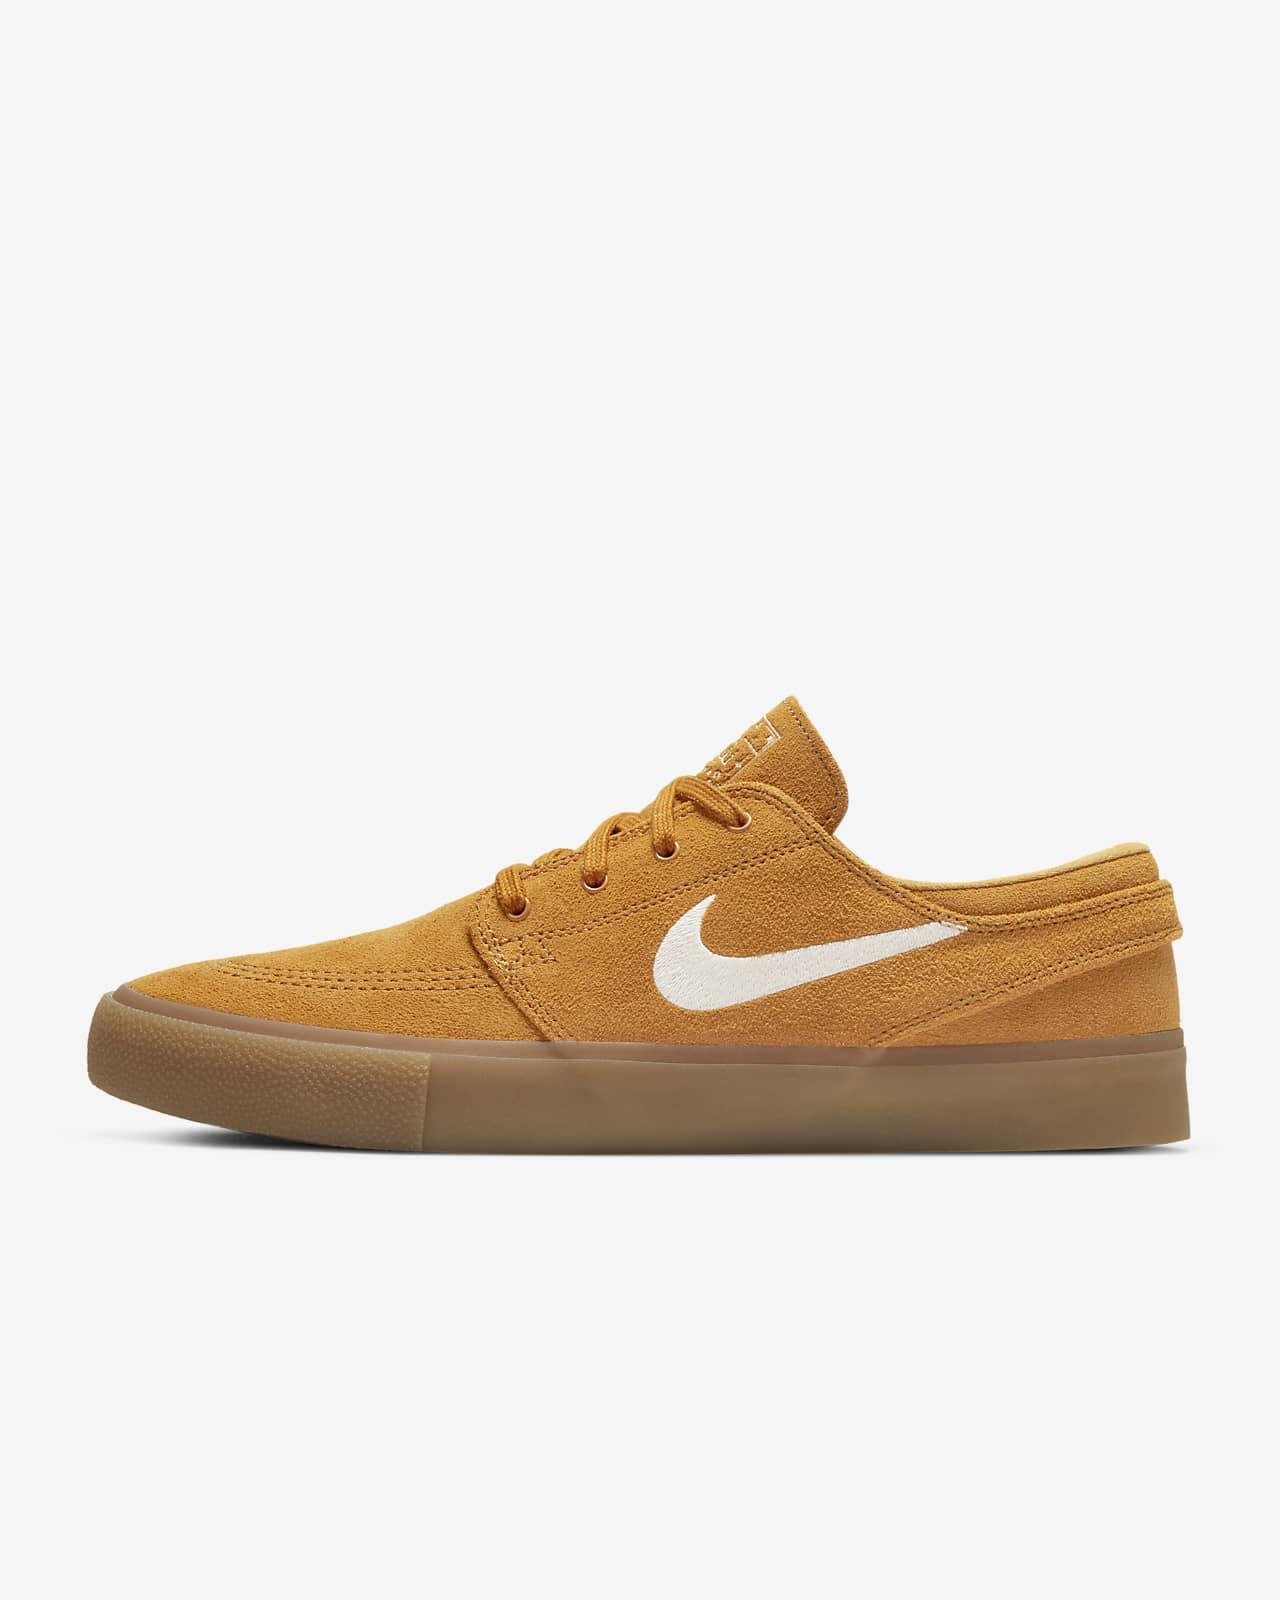 Chaussure de skateboard Nike SB Zoom Stefan Janoski RM